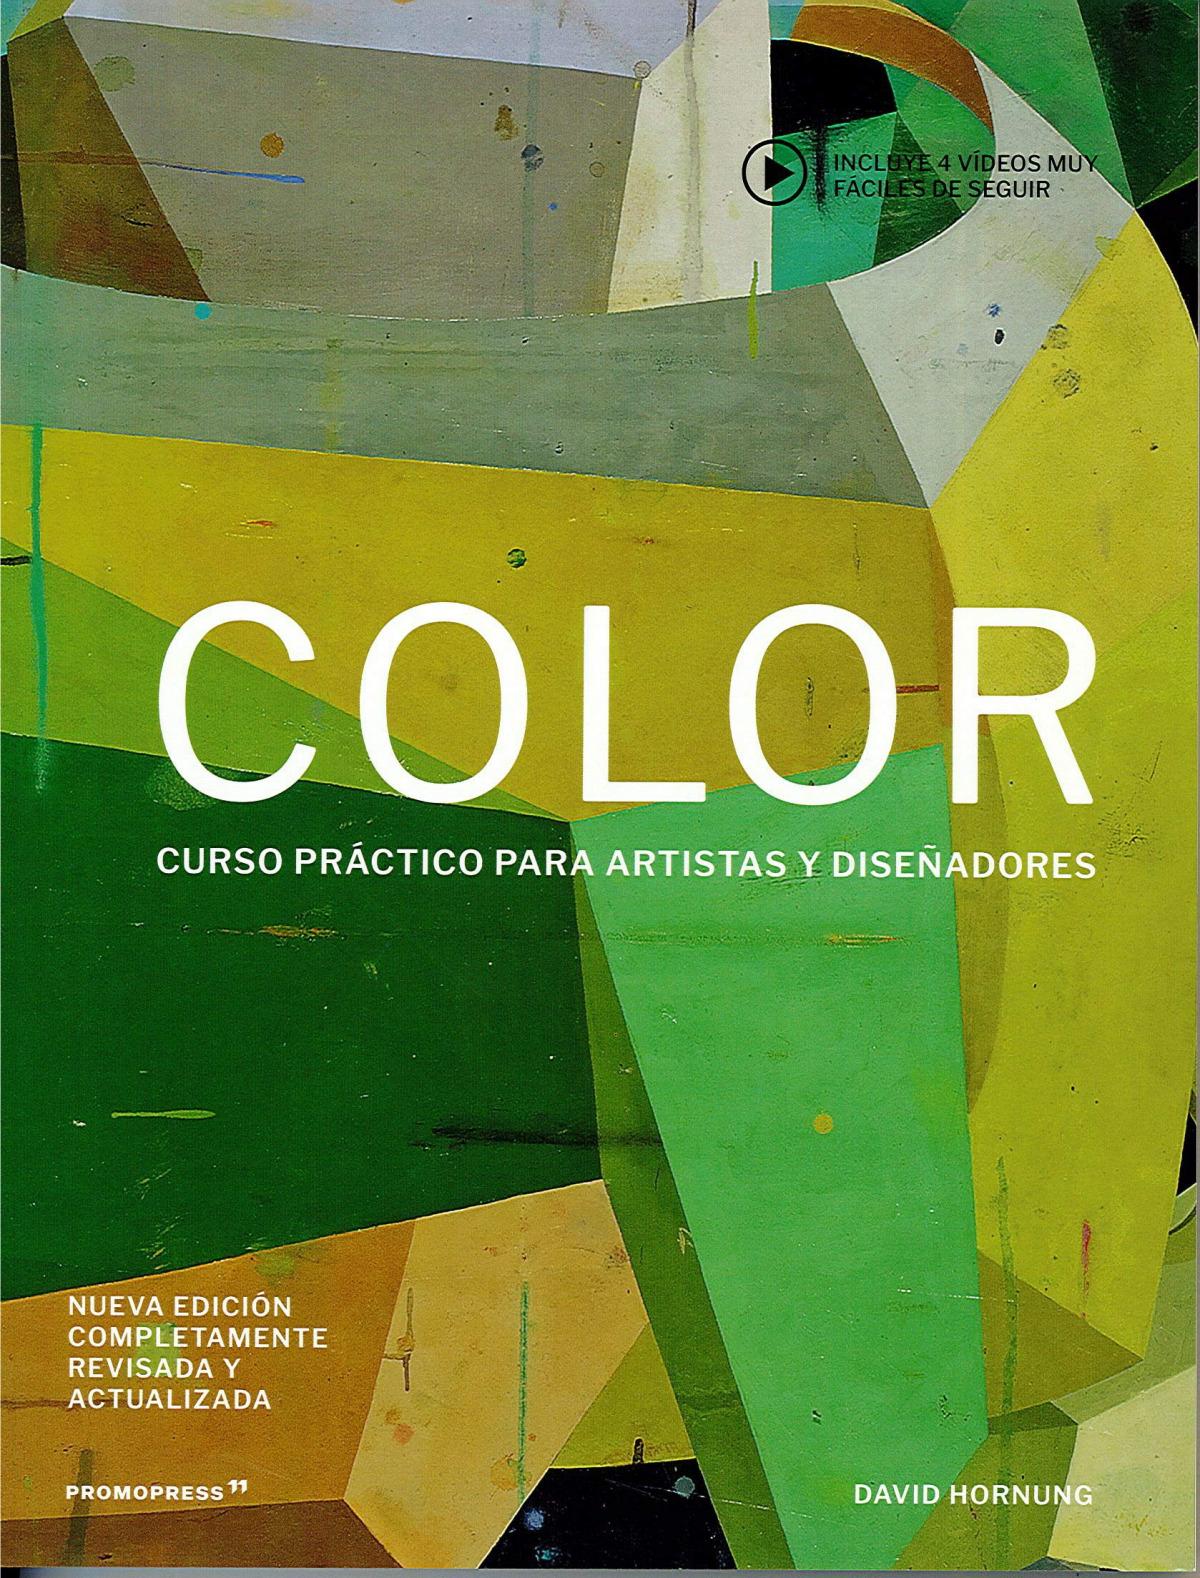 Color - Curso práctico para artistas y diseñadores